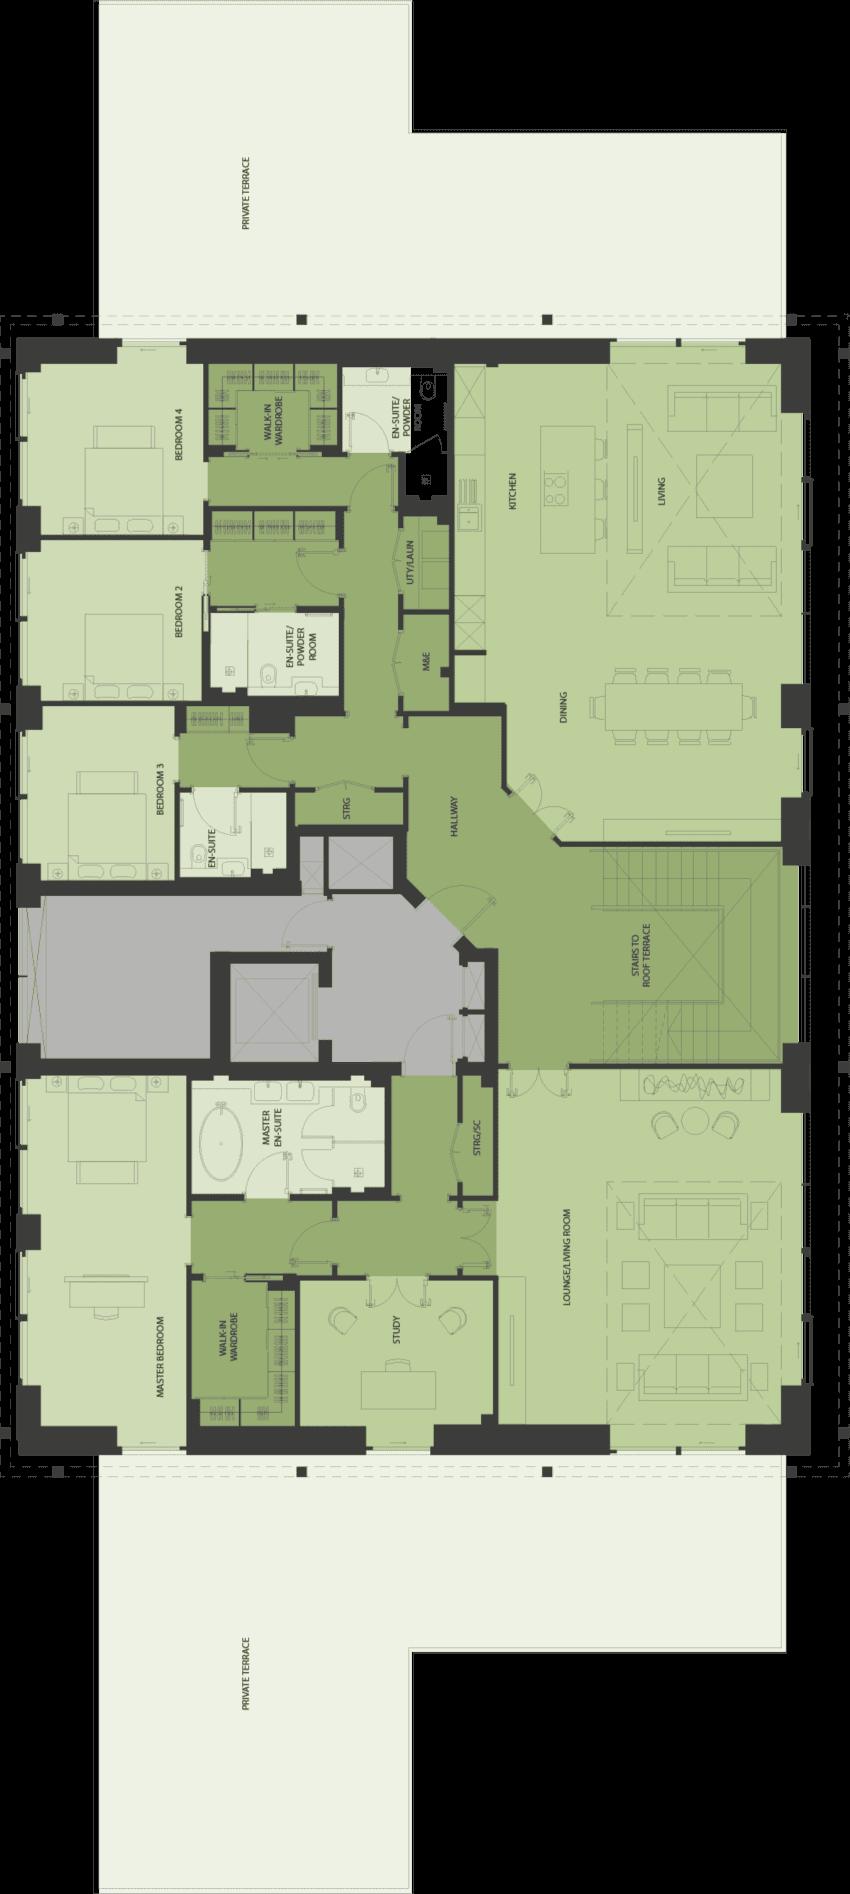 Lansdowne Place | nicholson-sp-d Floor Plan